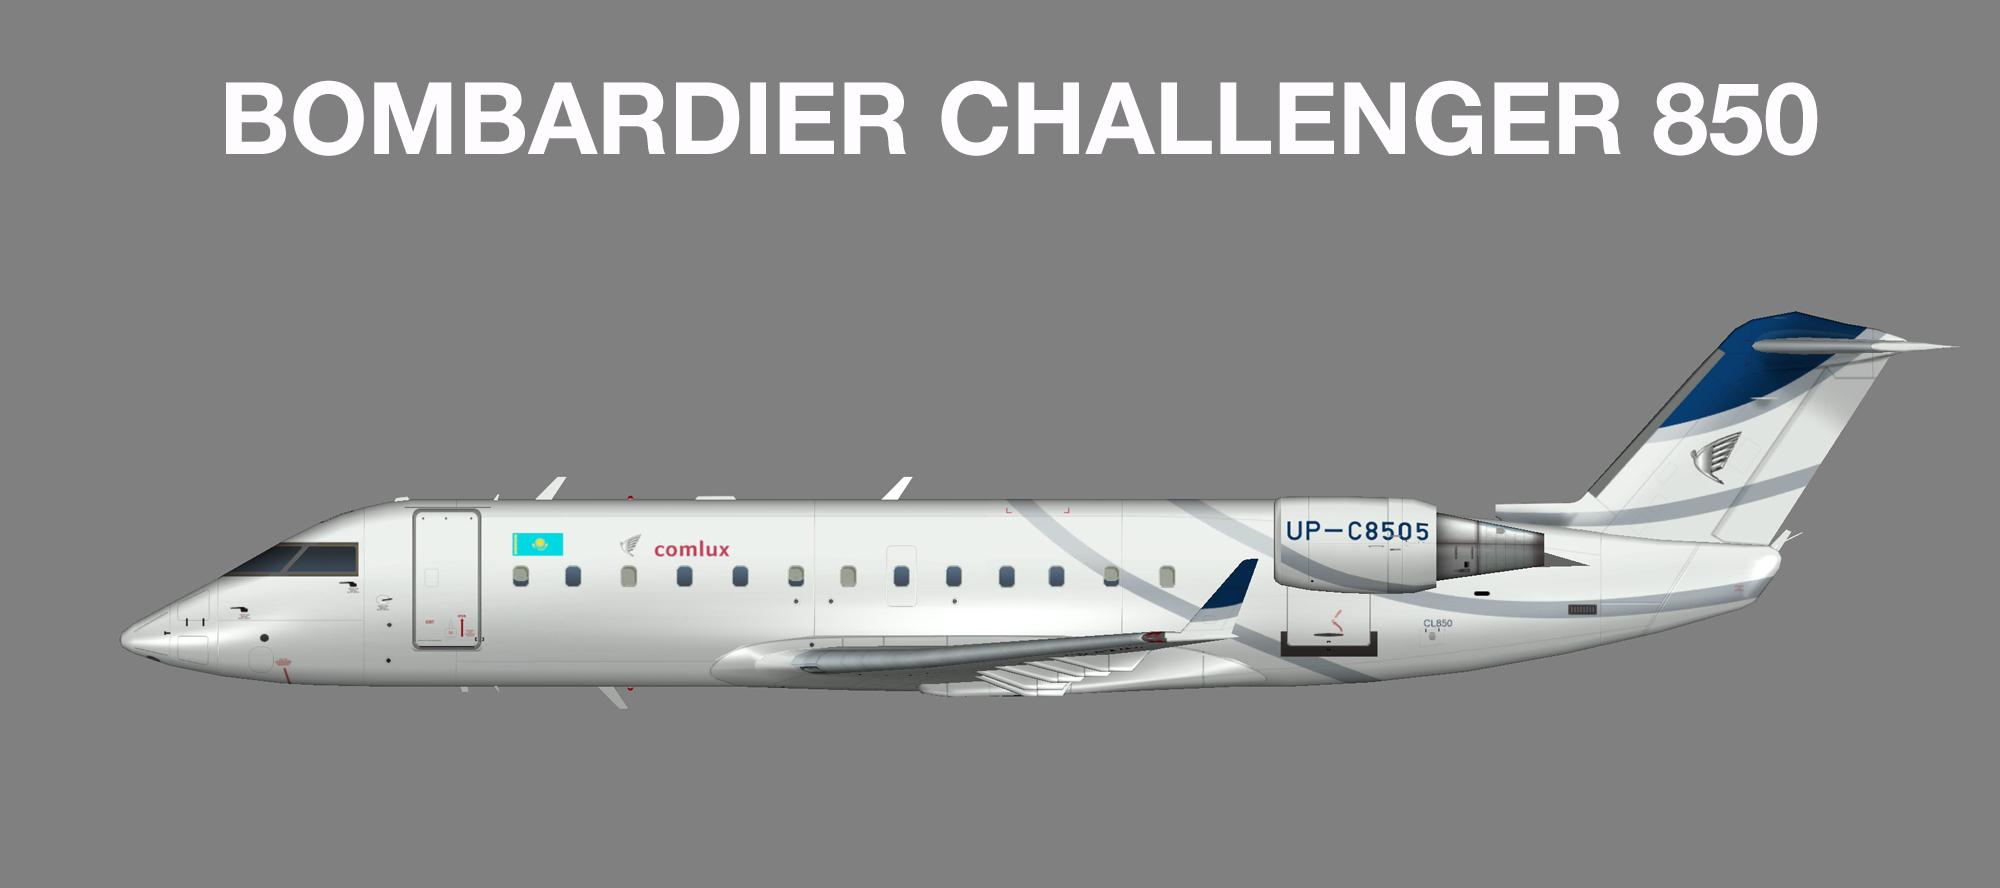 Comlux KZ Bombardier Challenger 850